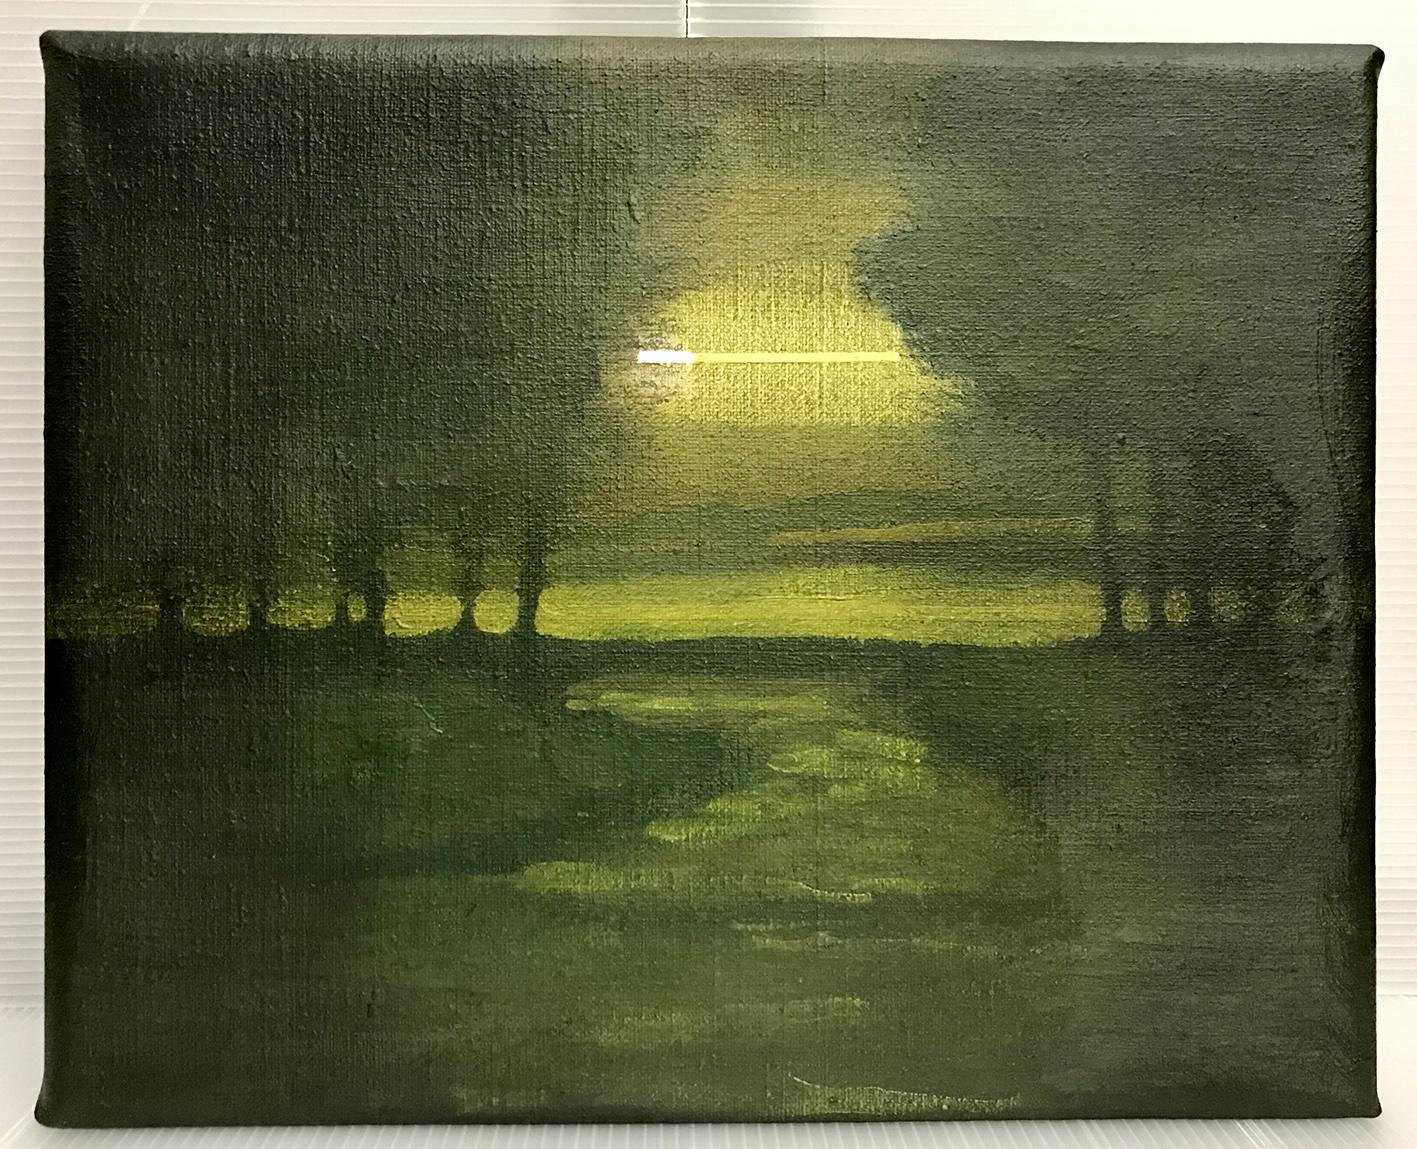 Vincent Land Gogh 3 (22x27cm) 2020